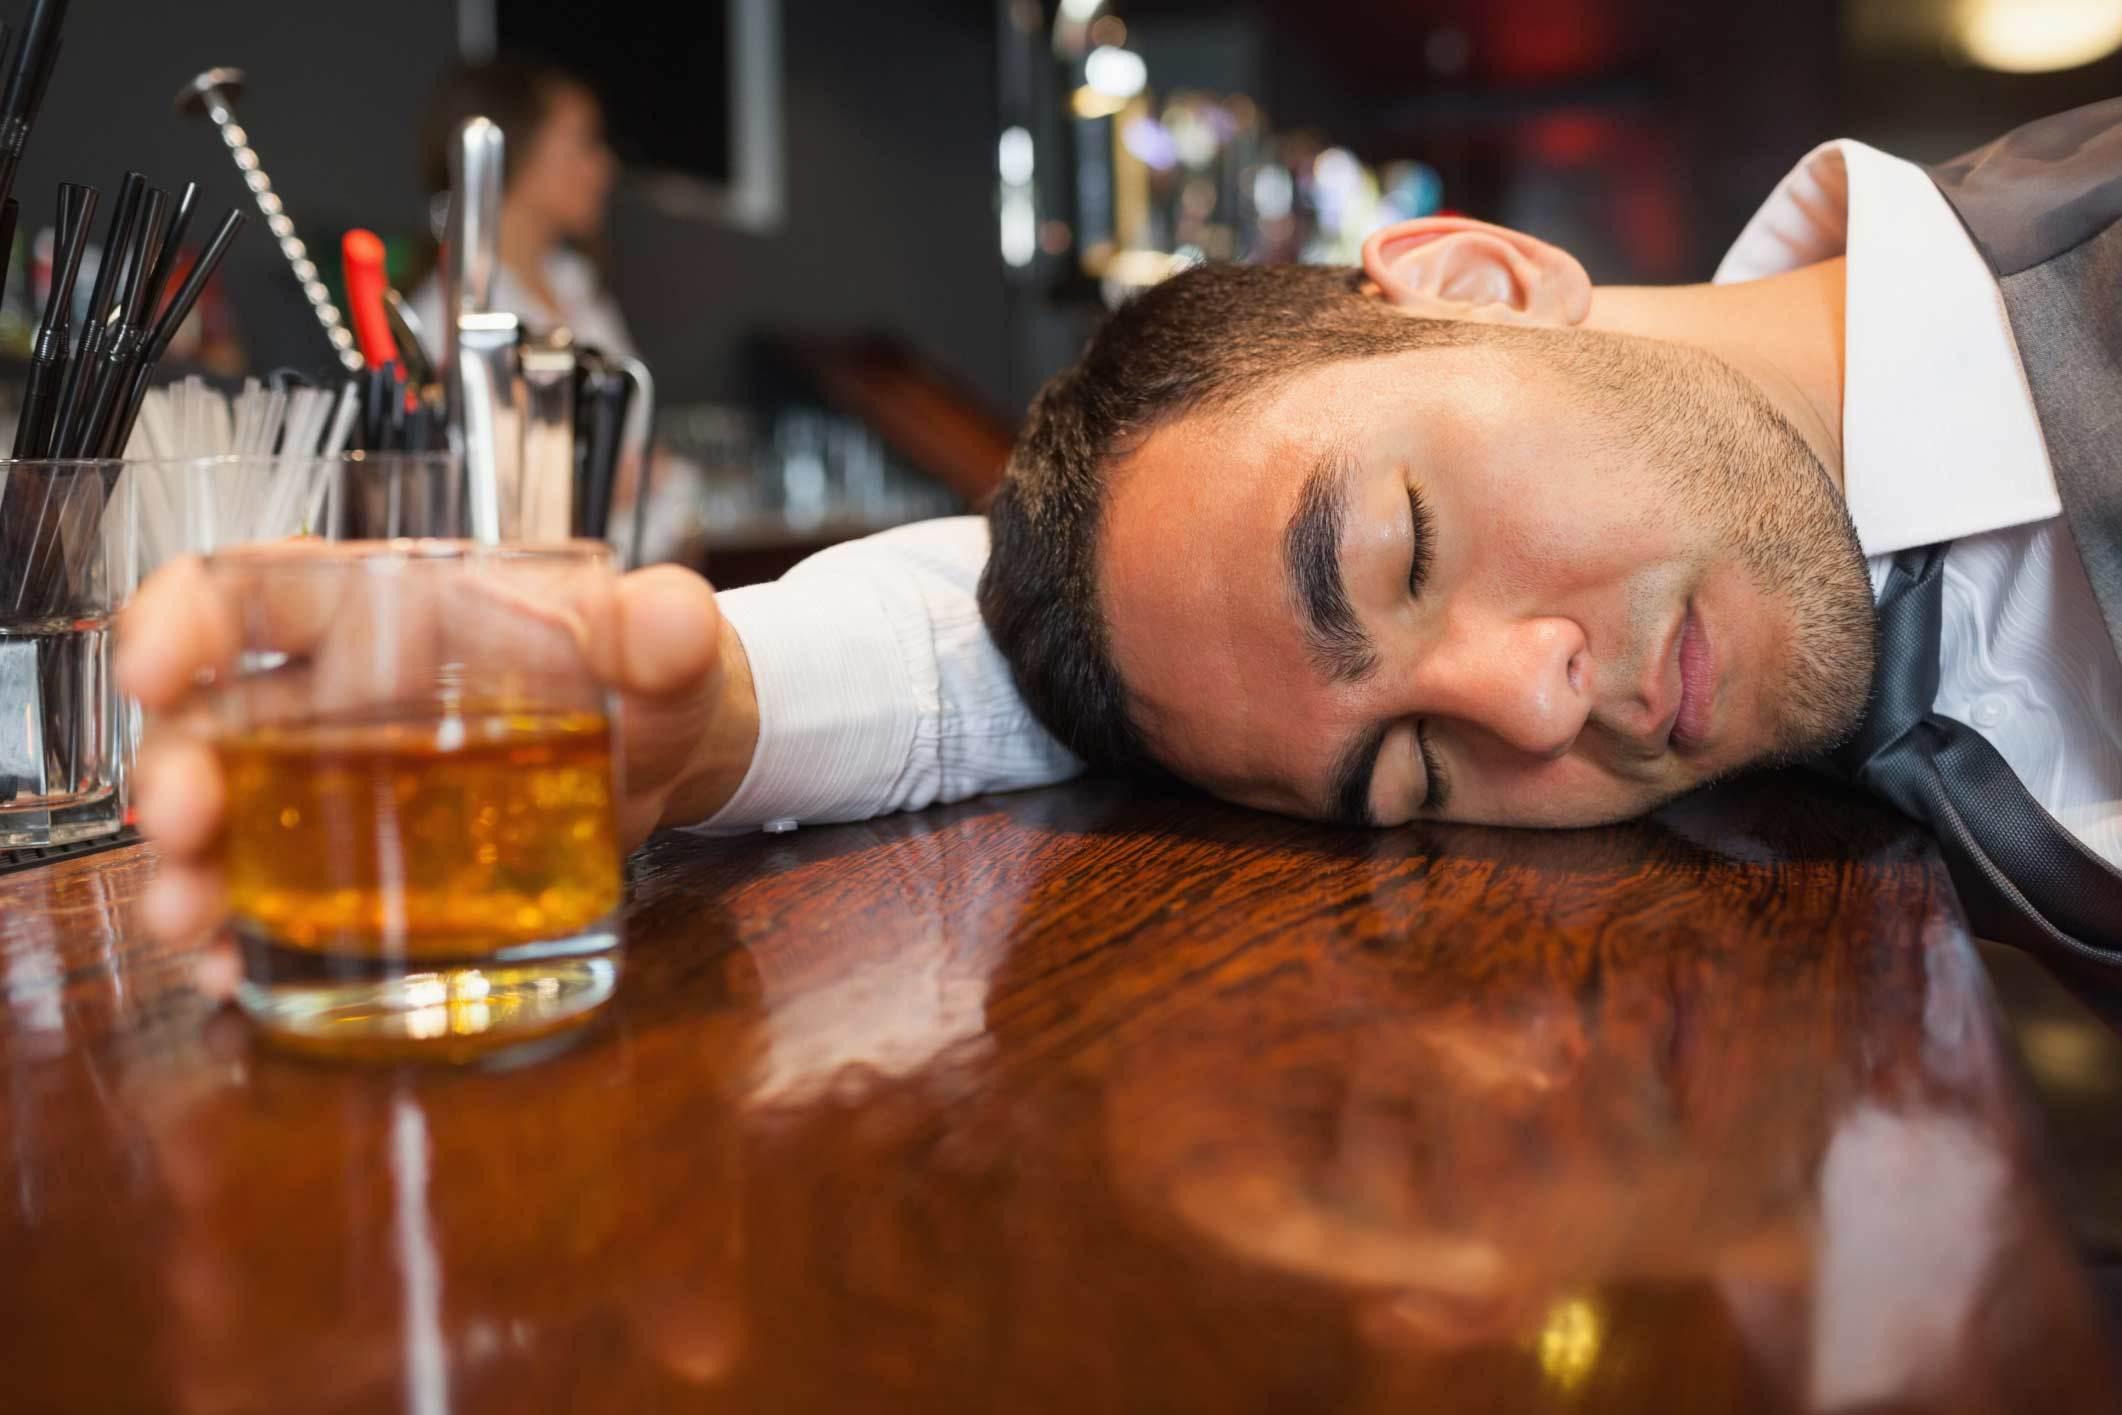 Con rể nát rượu và hành xử bất ngờ của nhà vợ